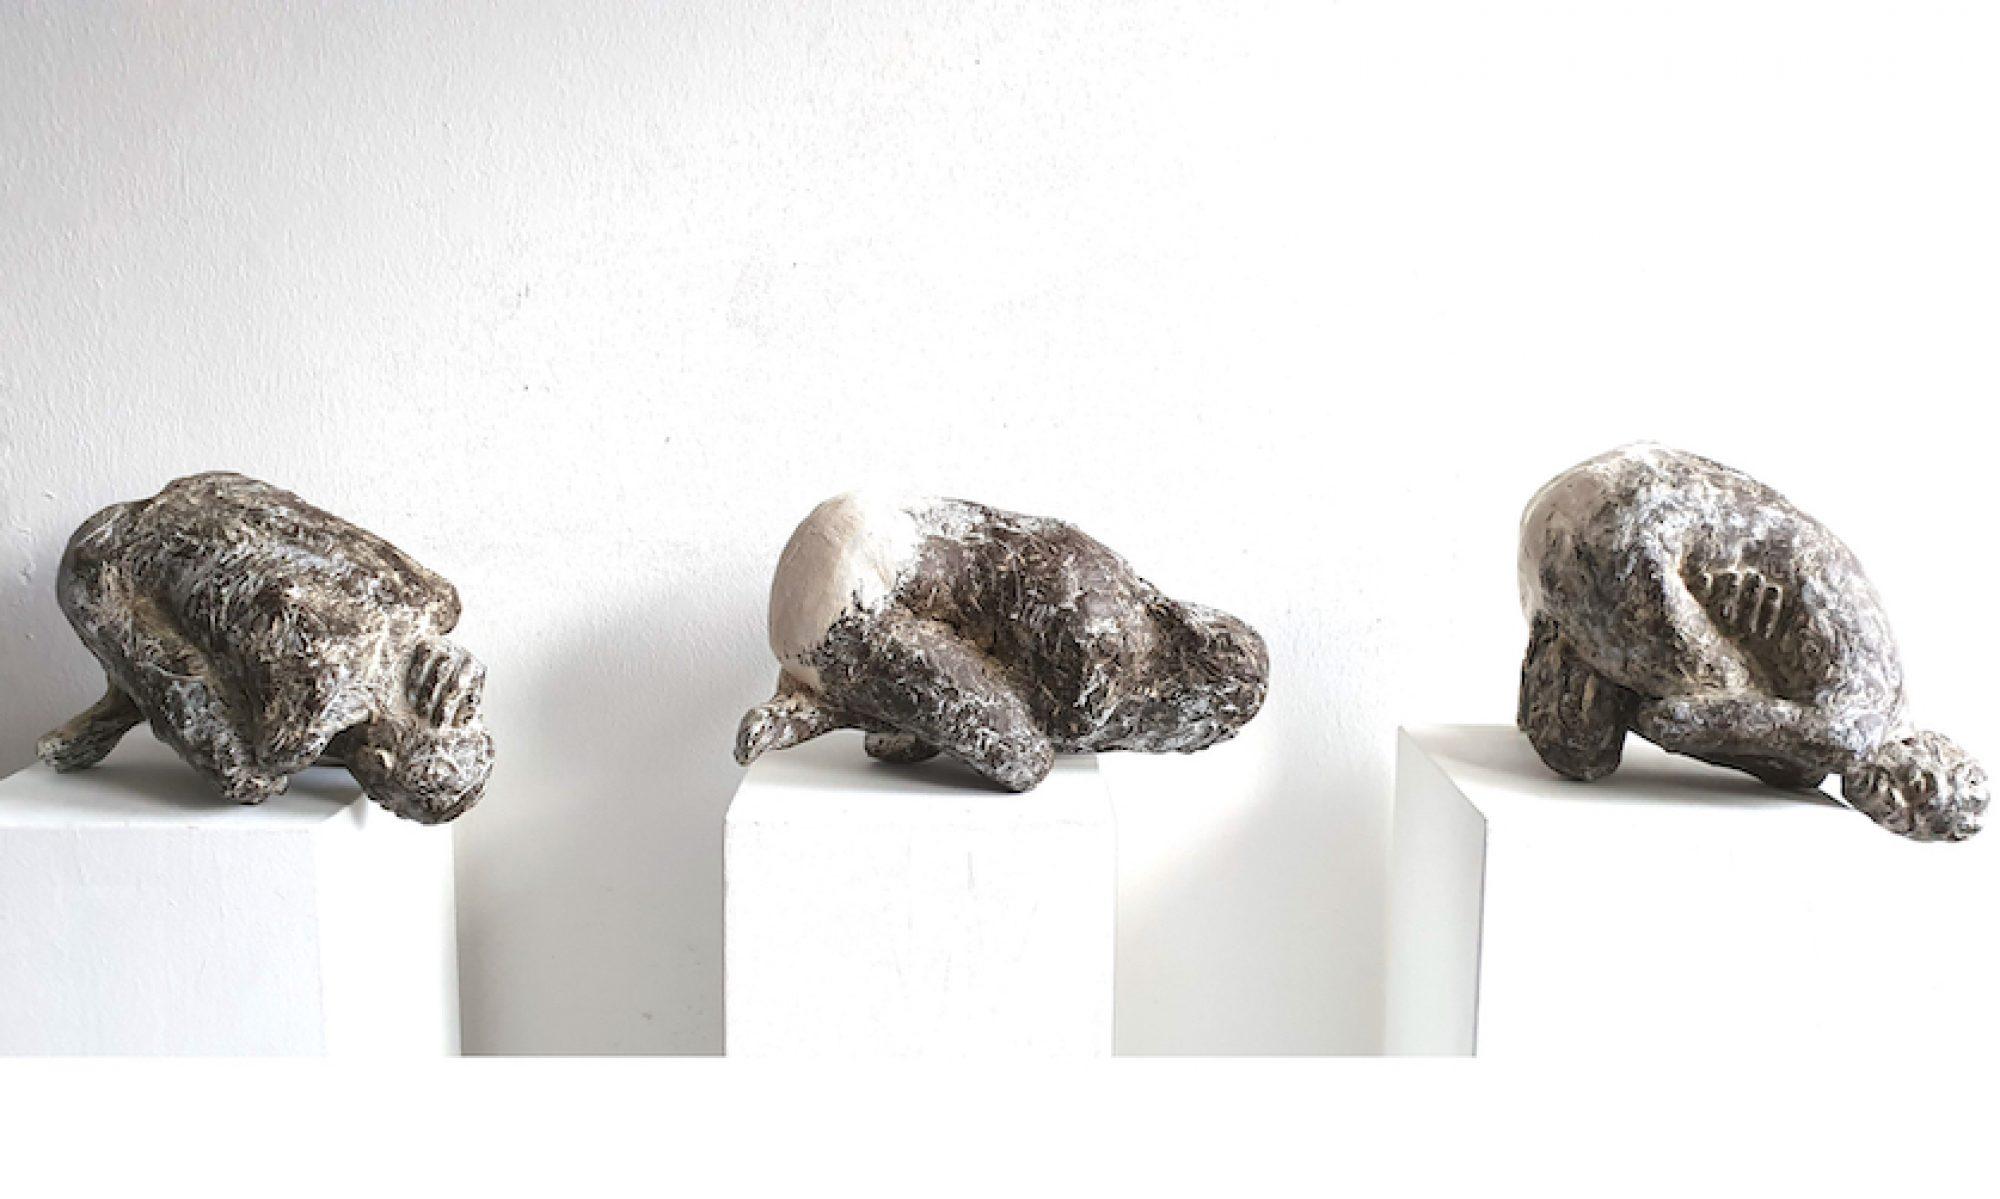 Ute Safrin, Bildhauerin